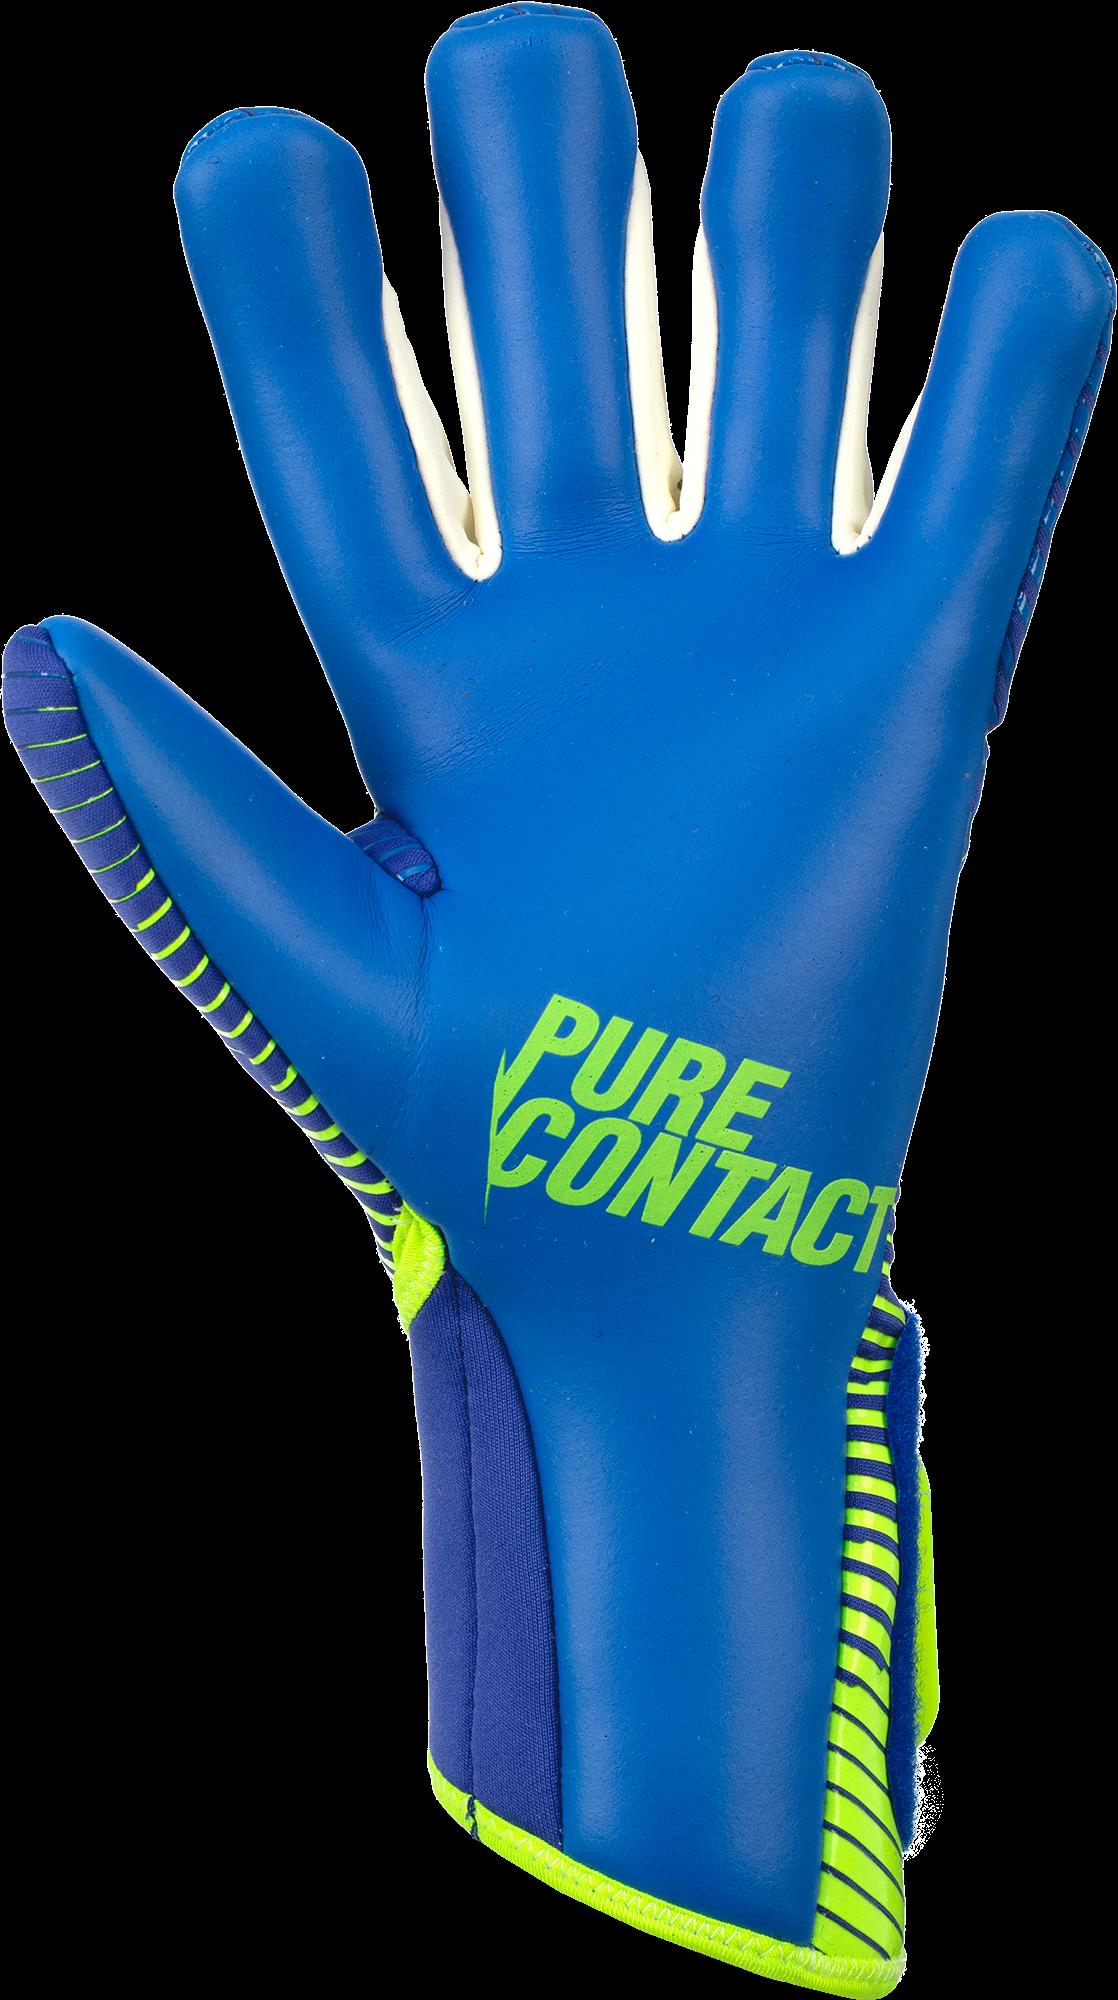 Reusch Pure Contact 3 G3 Duo Torwarthandschuhe Tormannhandschuhe Fußball